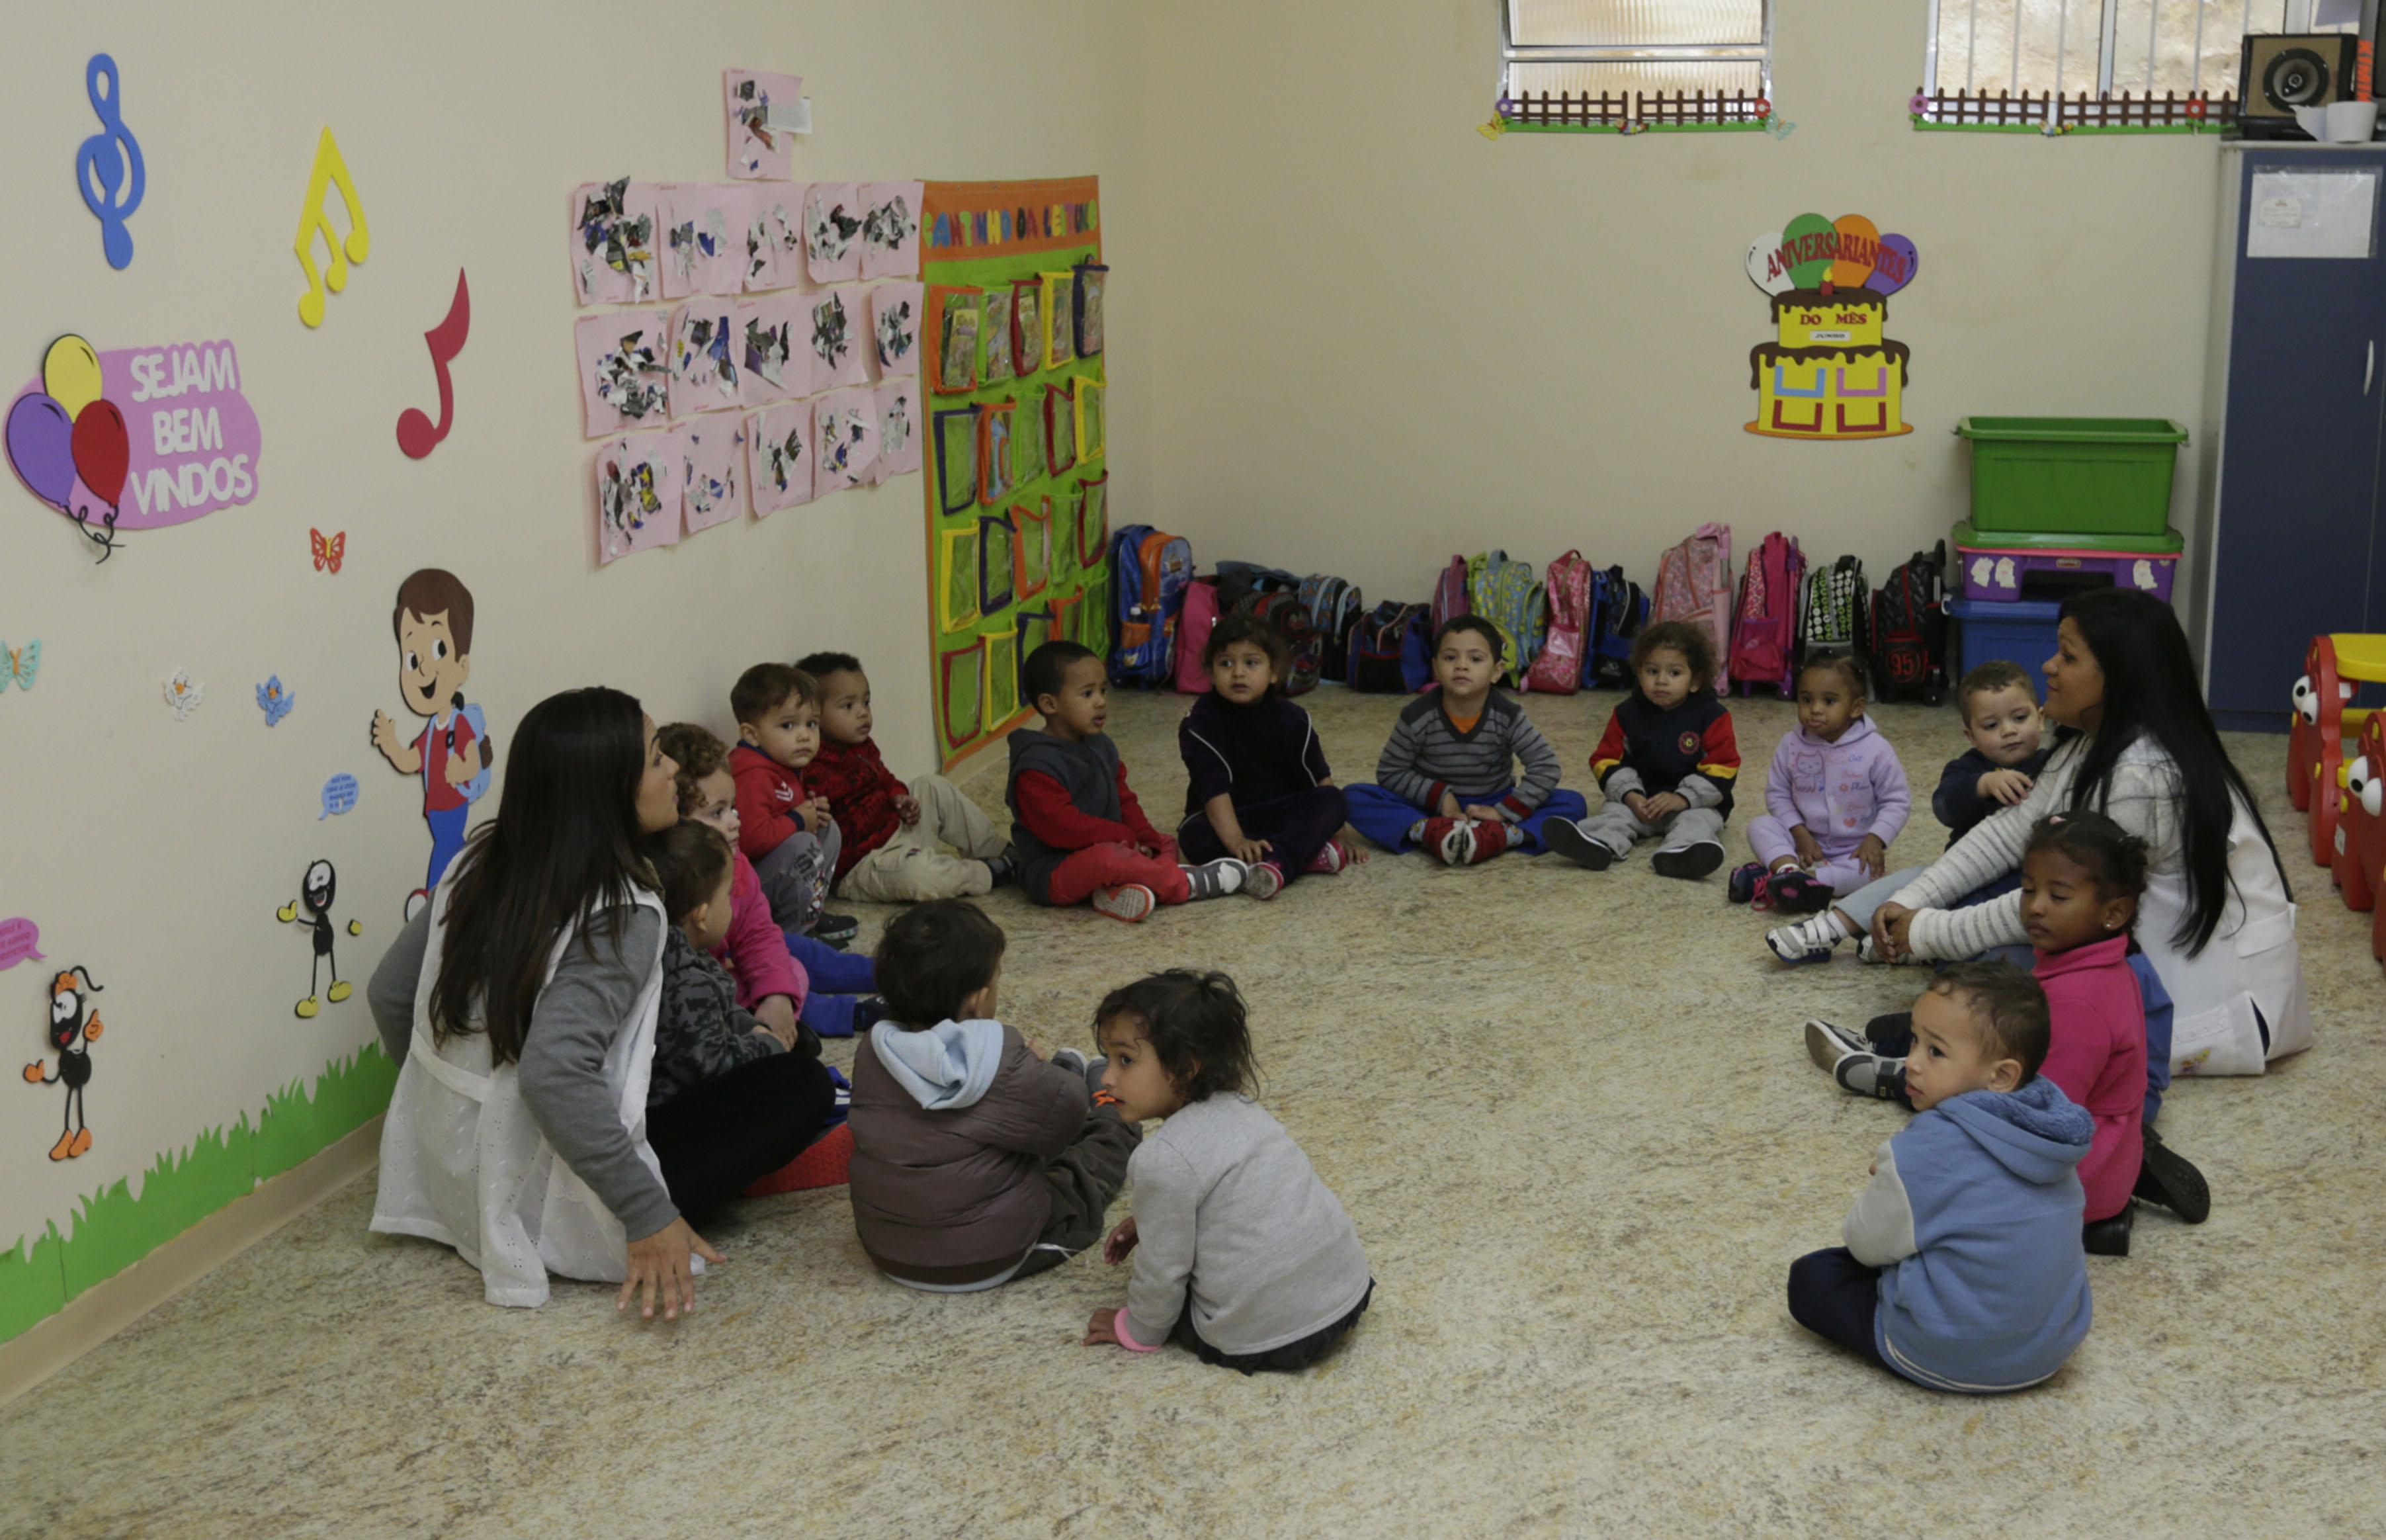 Educação - sala de aula - educação infantil berçário creches escolas infância professores pedagogia ensino socialização brincadeiras